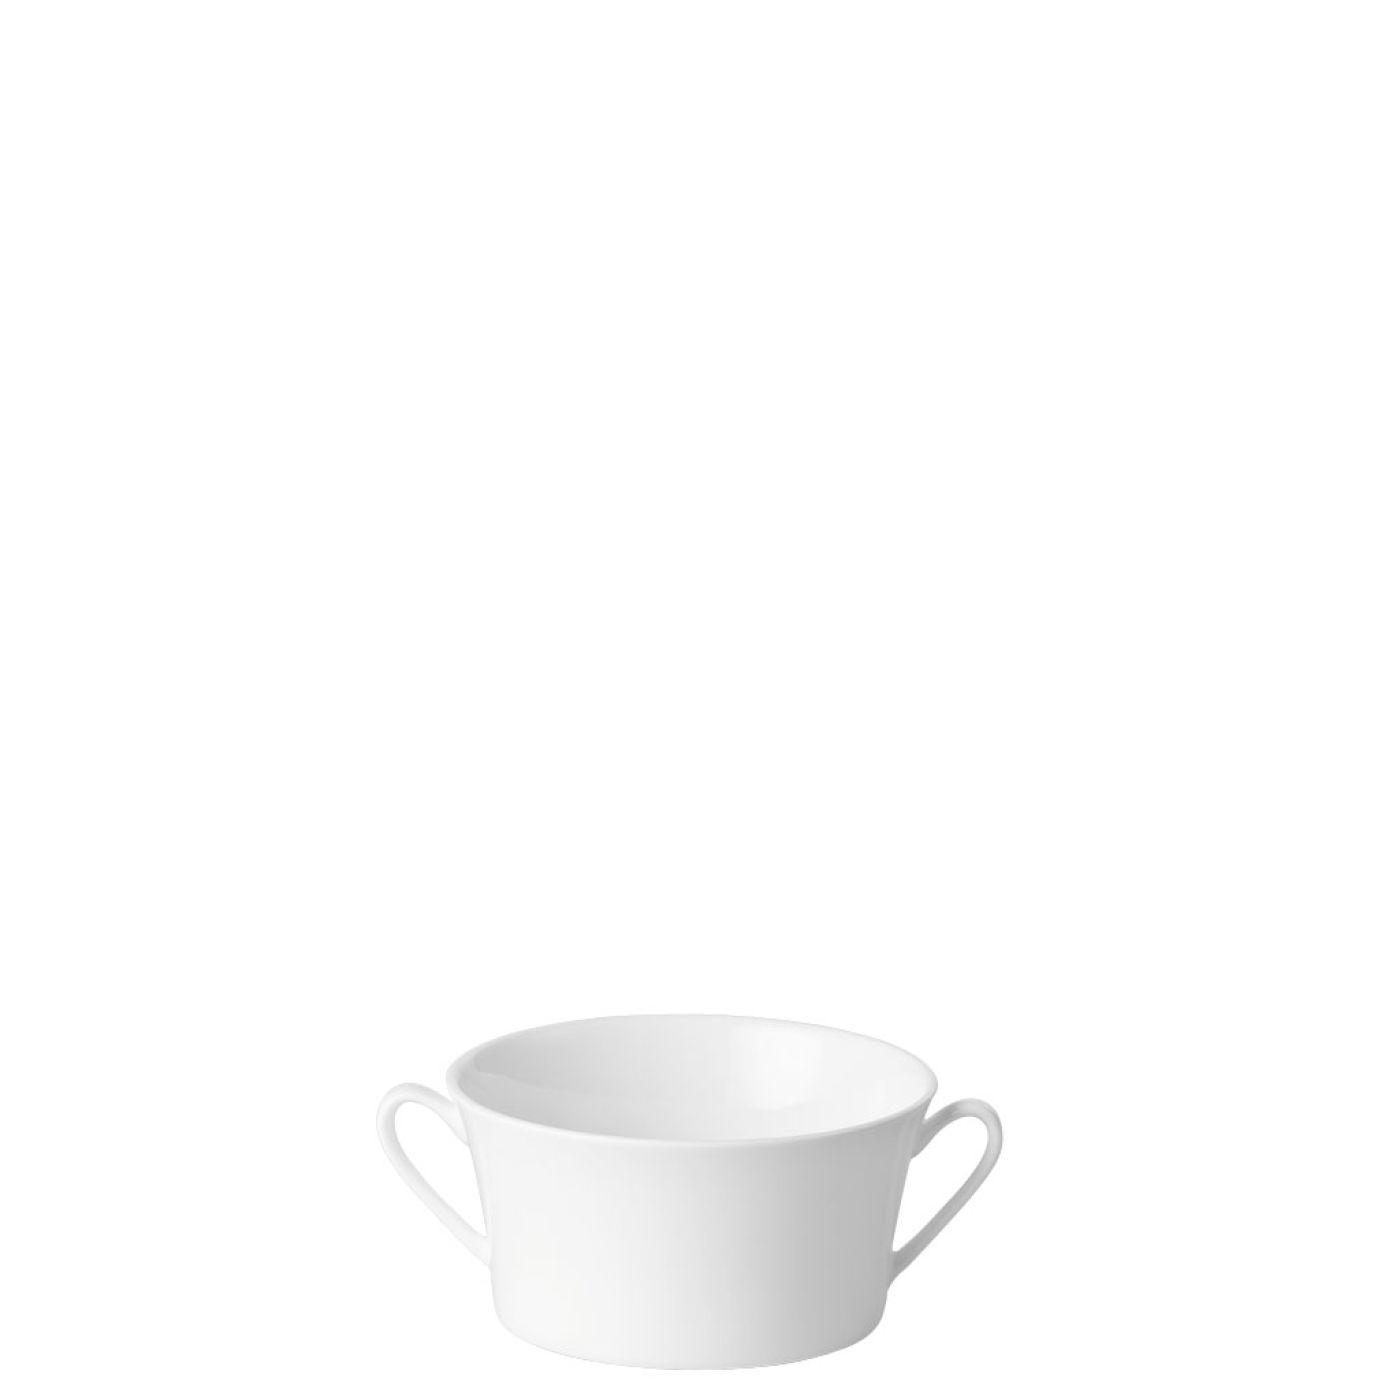 Jade Vit Soppskål med handtag 35 cl